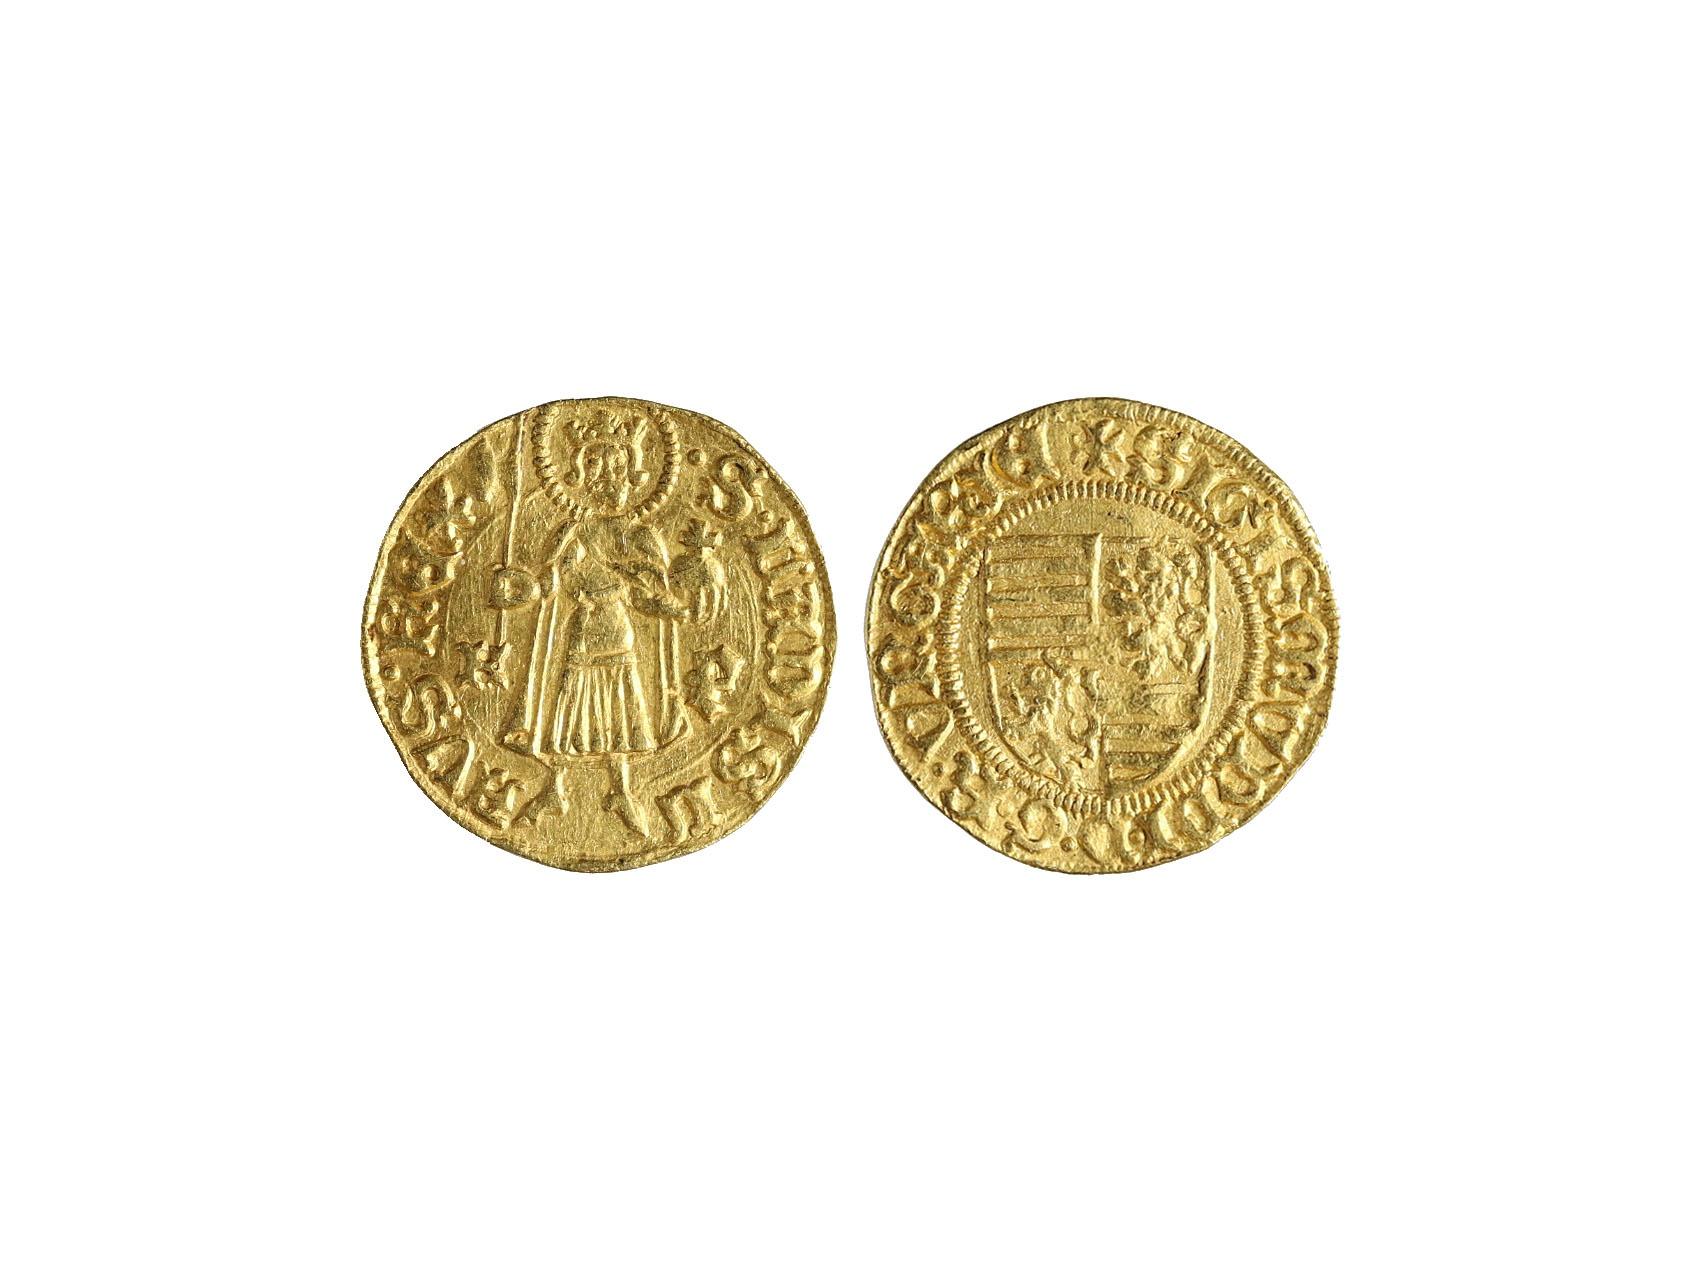 Zikmund Lucemburský 1387-1437 - Dukát b.l. Kremnica, váha 3.55g, Husz. 573, mírně prohlý